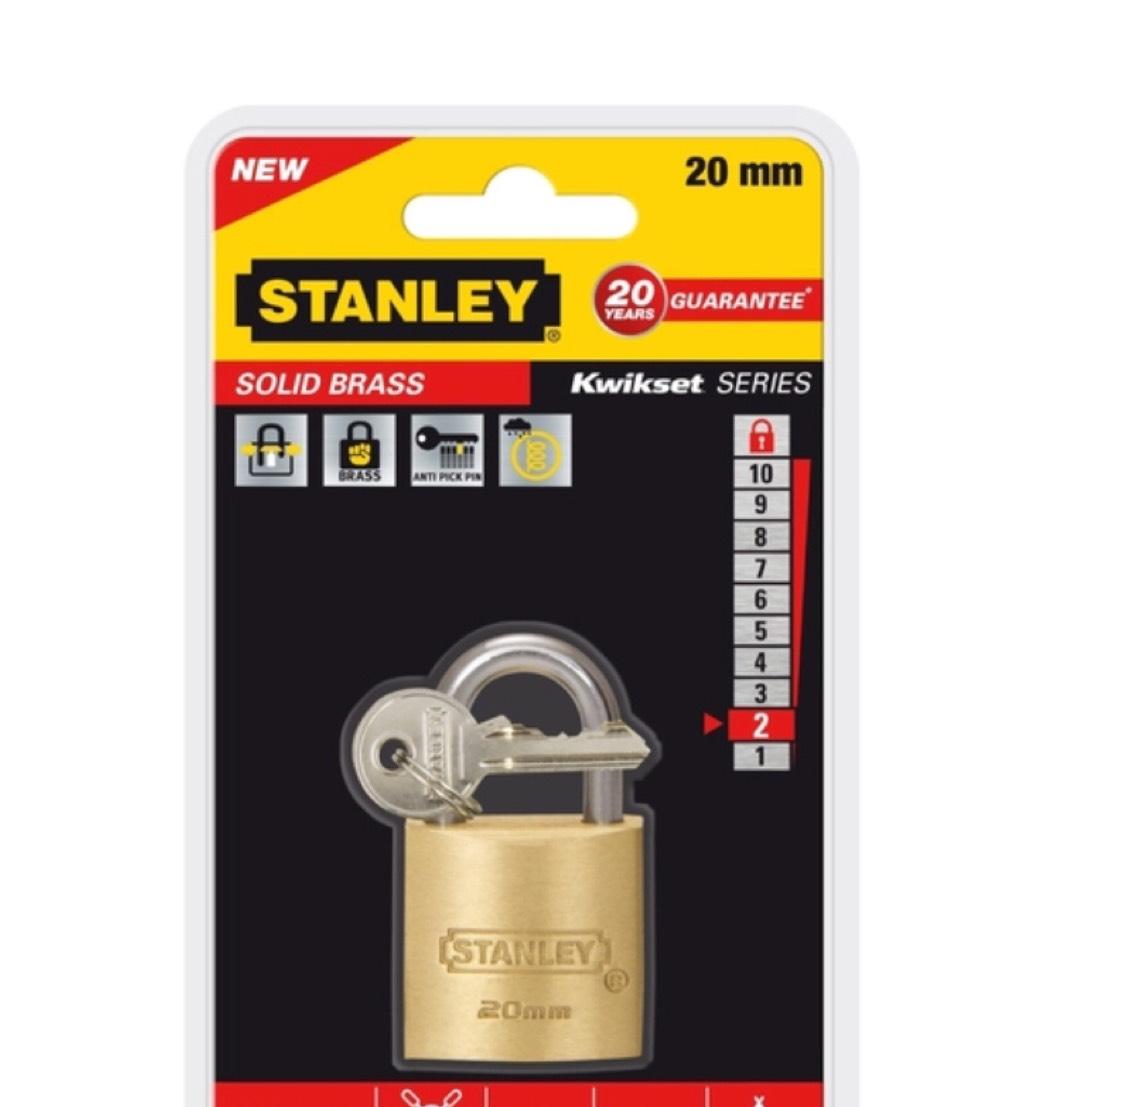 Stanley kwaliteit hangslot 20mm inclusief verzending